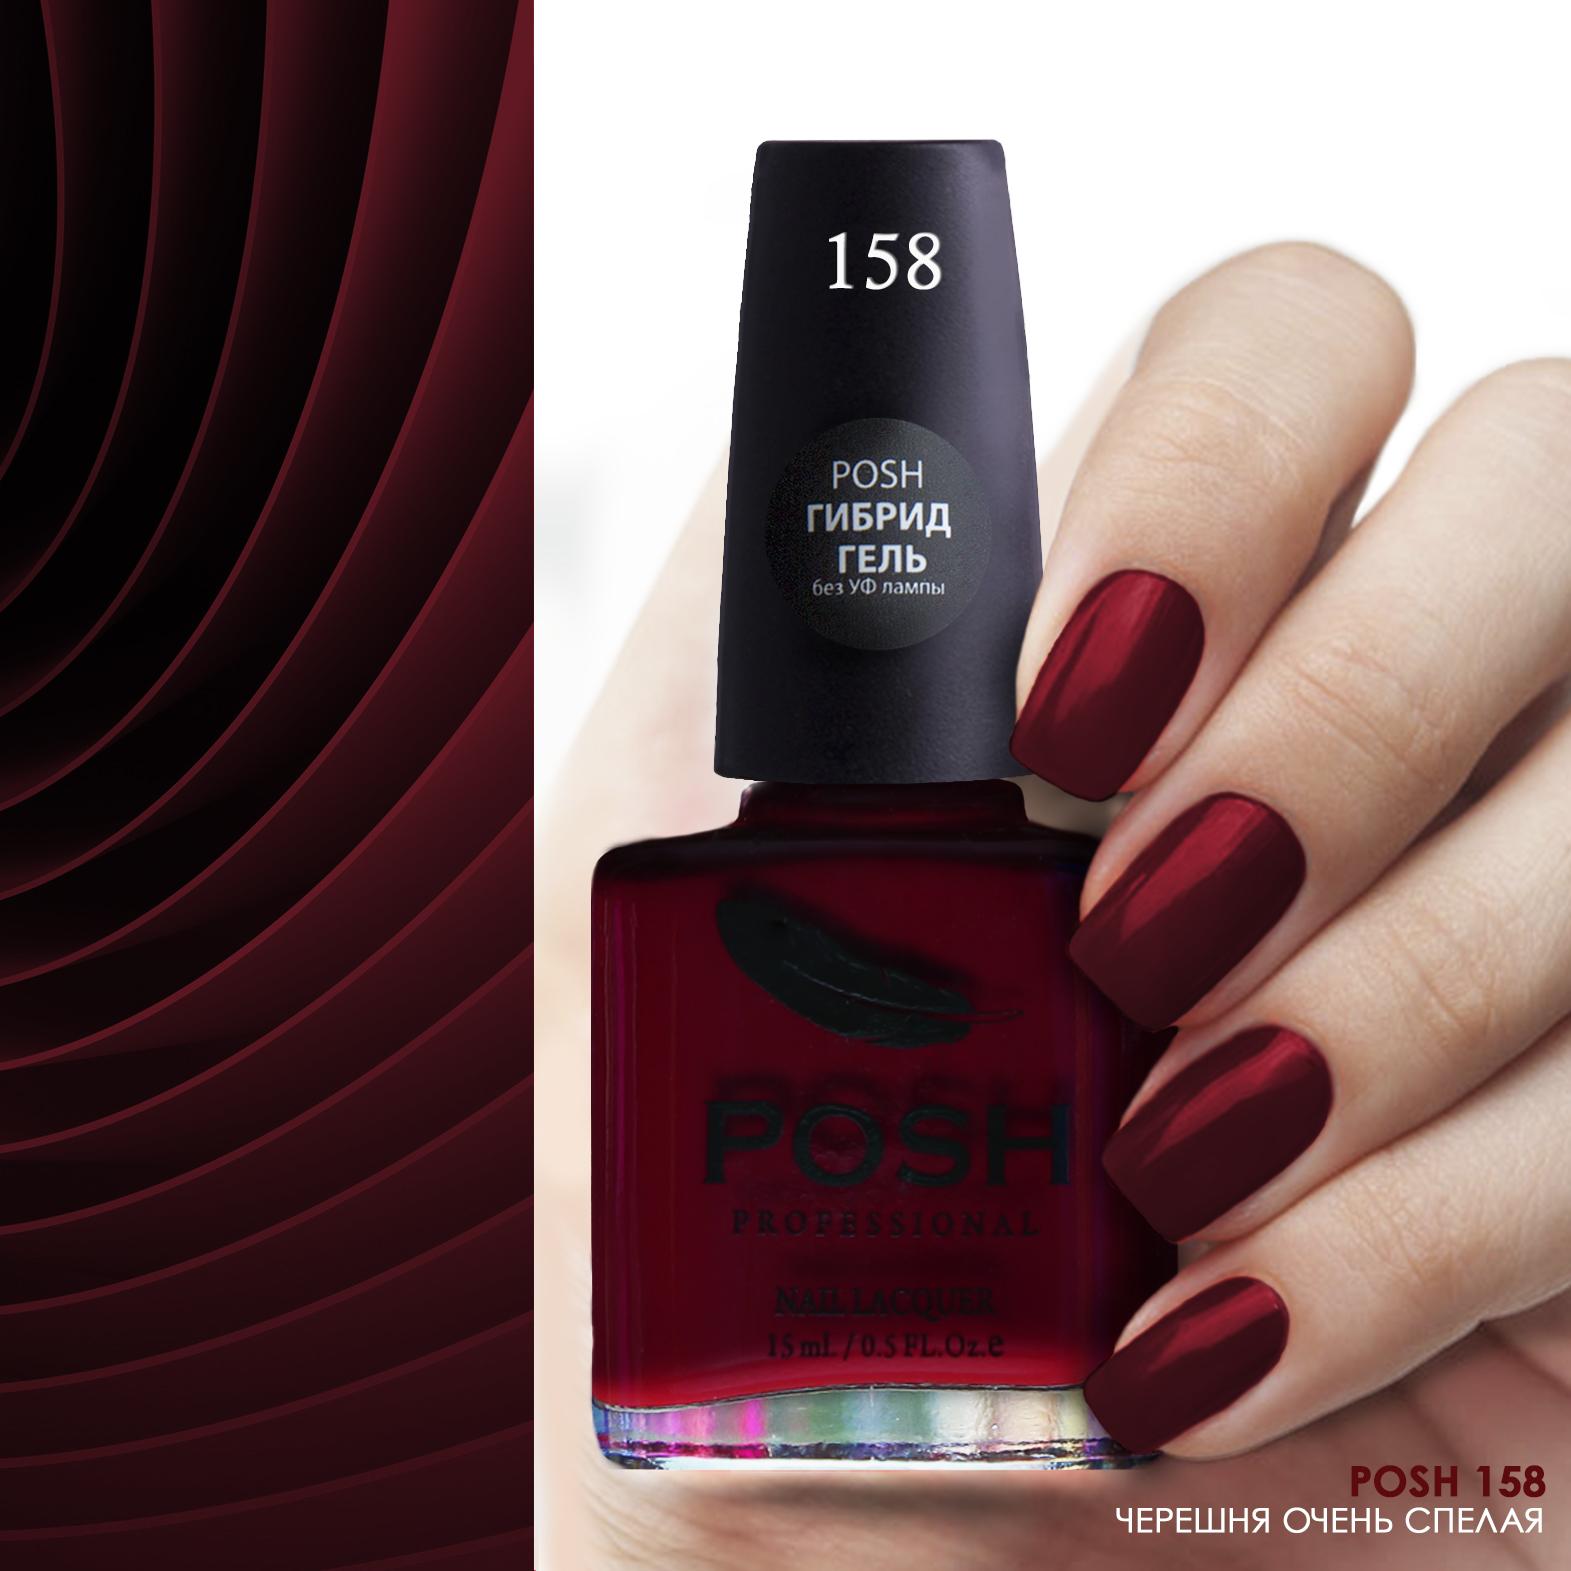 Купить POSH 158 лак для ногтей Черешня очень спелая 15 мл, Коричневые